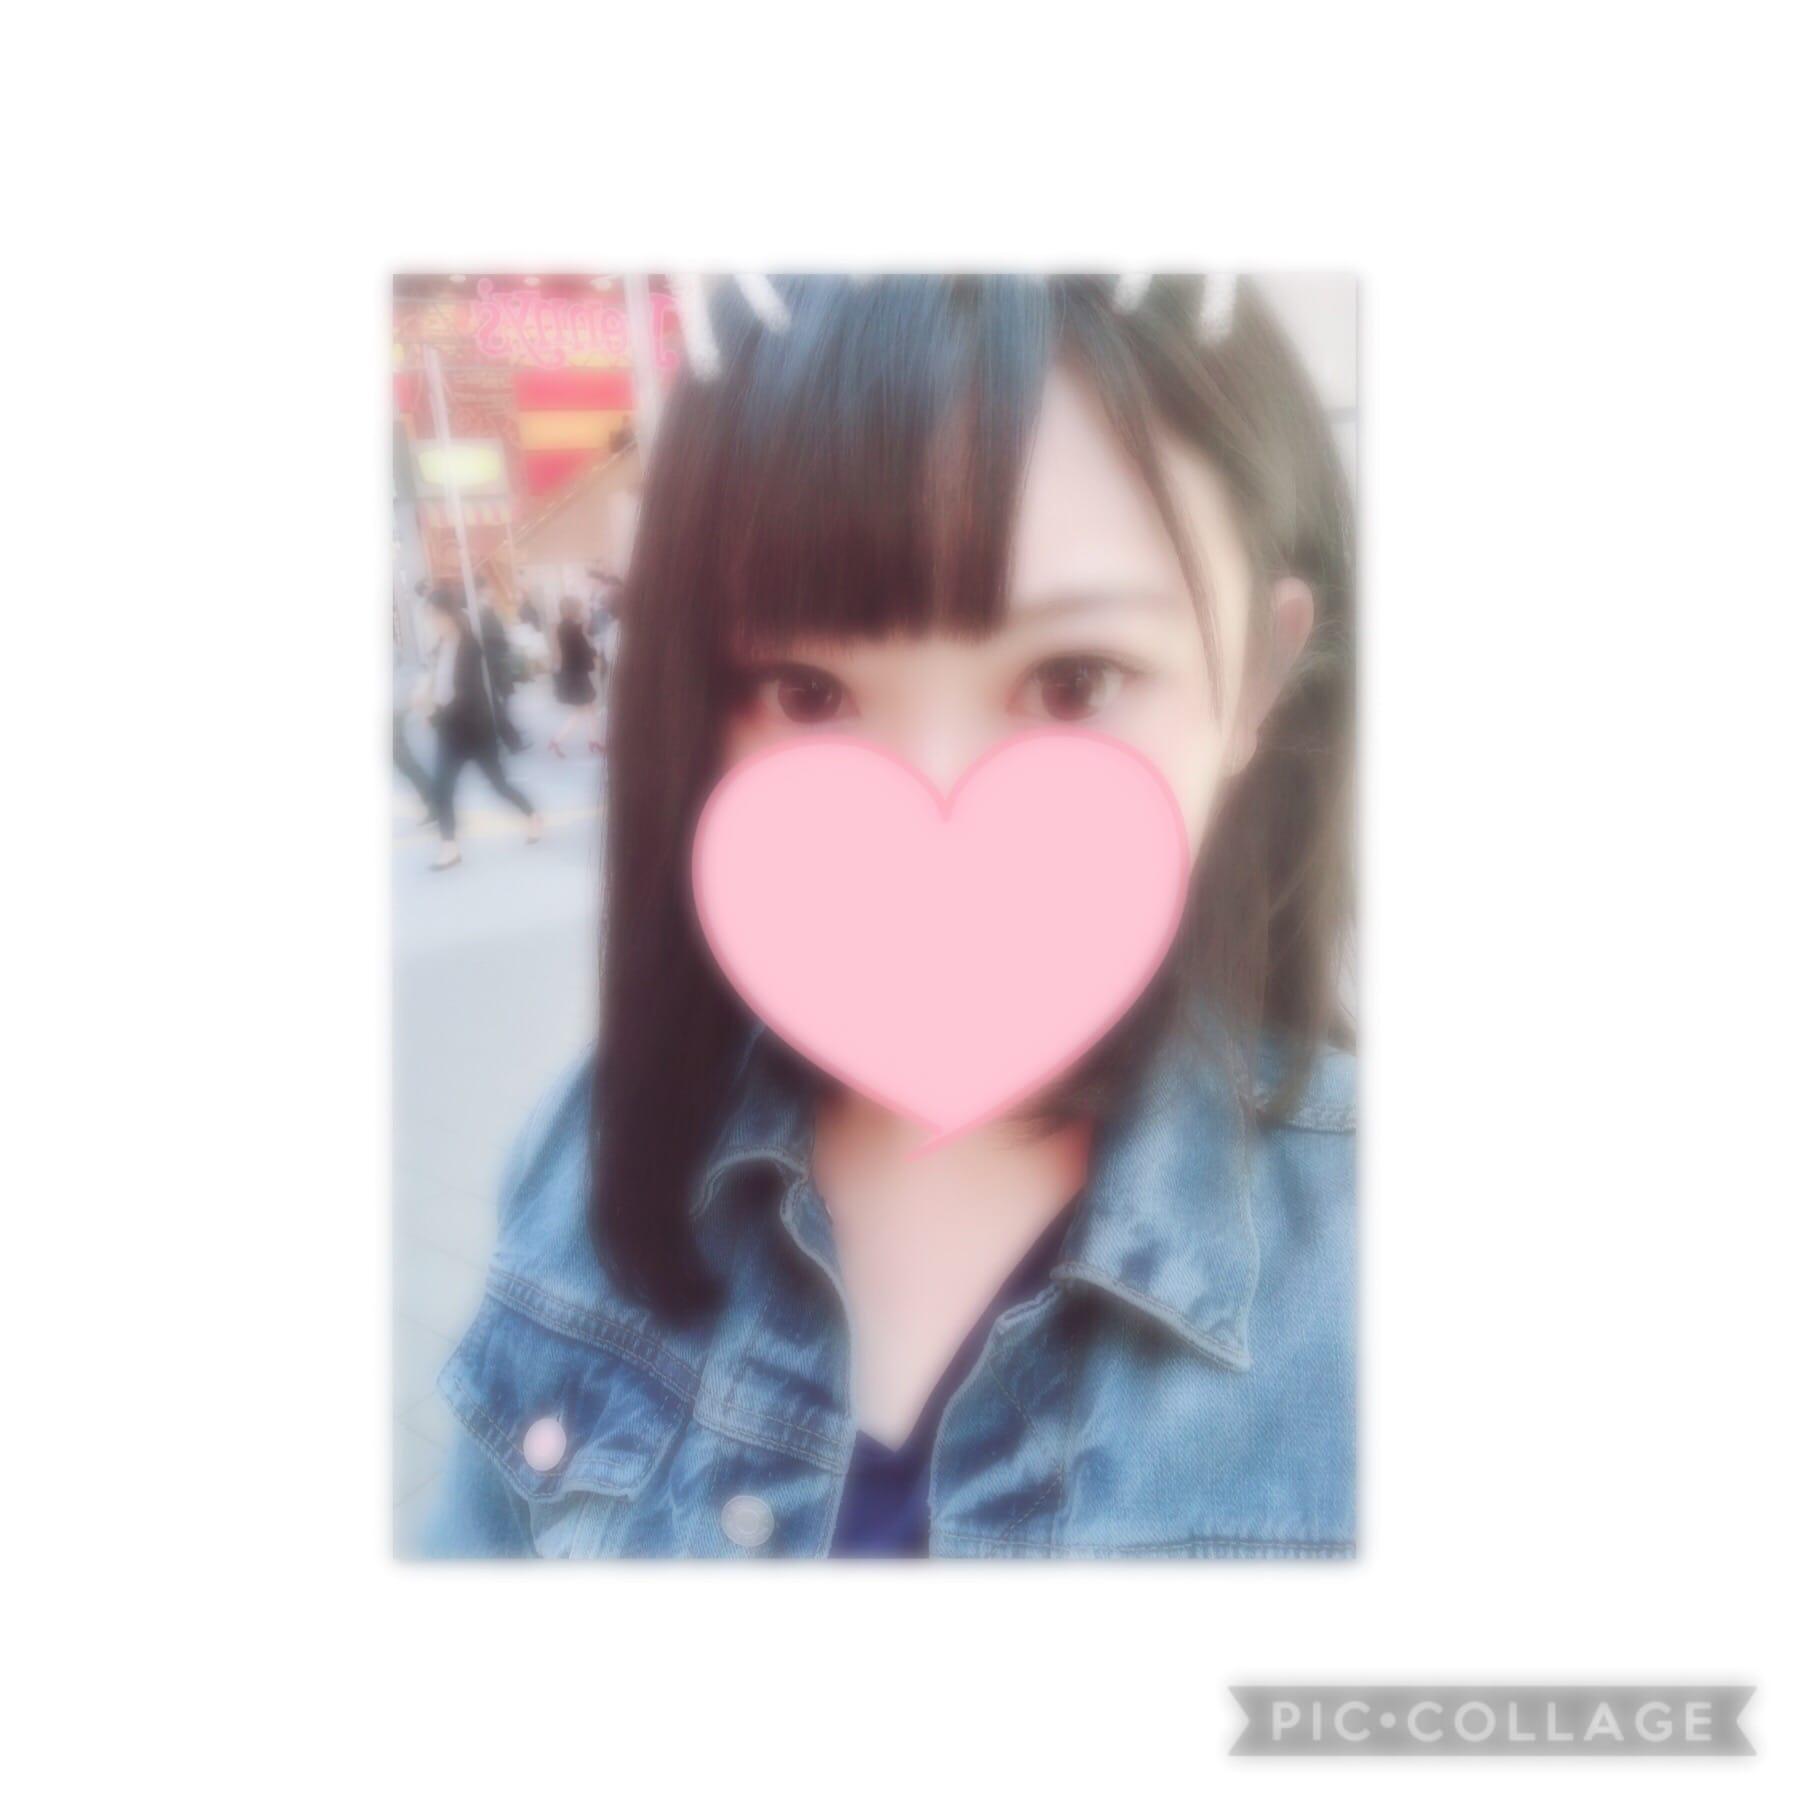 「こんばんは!」04/19(木) 19:23 | コトナの写メ・風俗動画